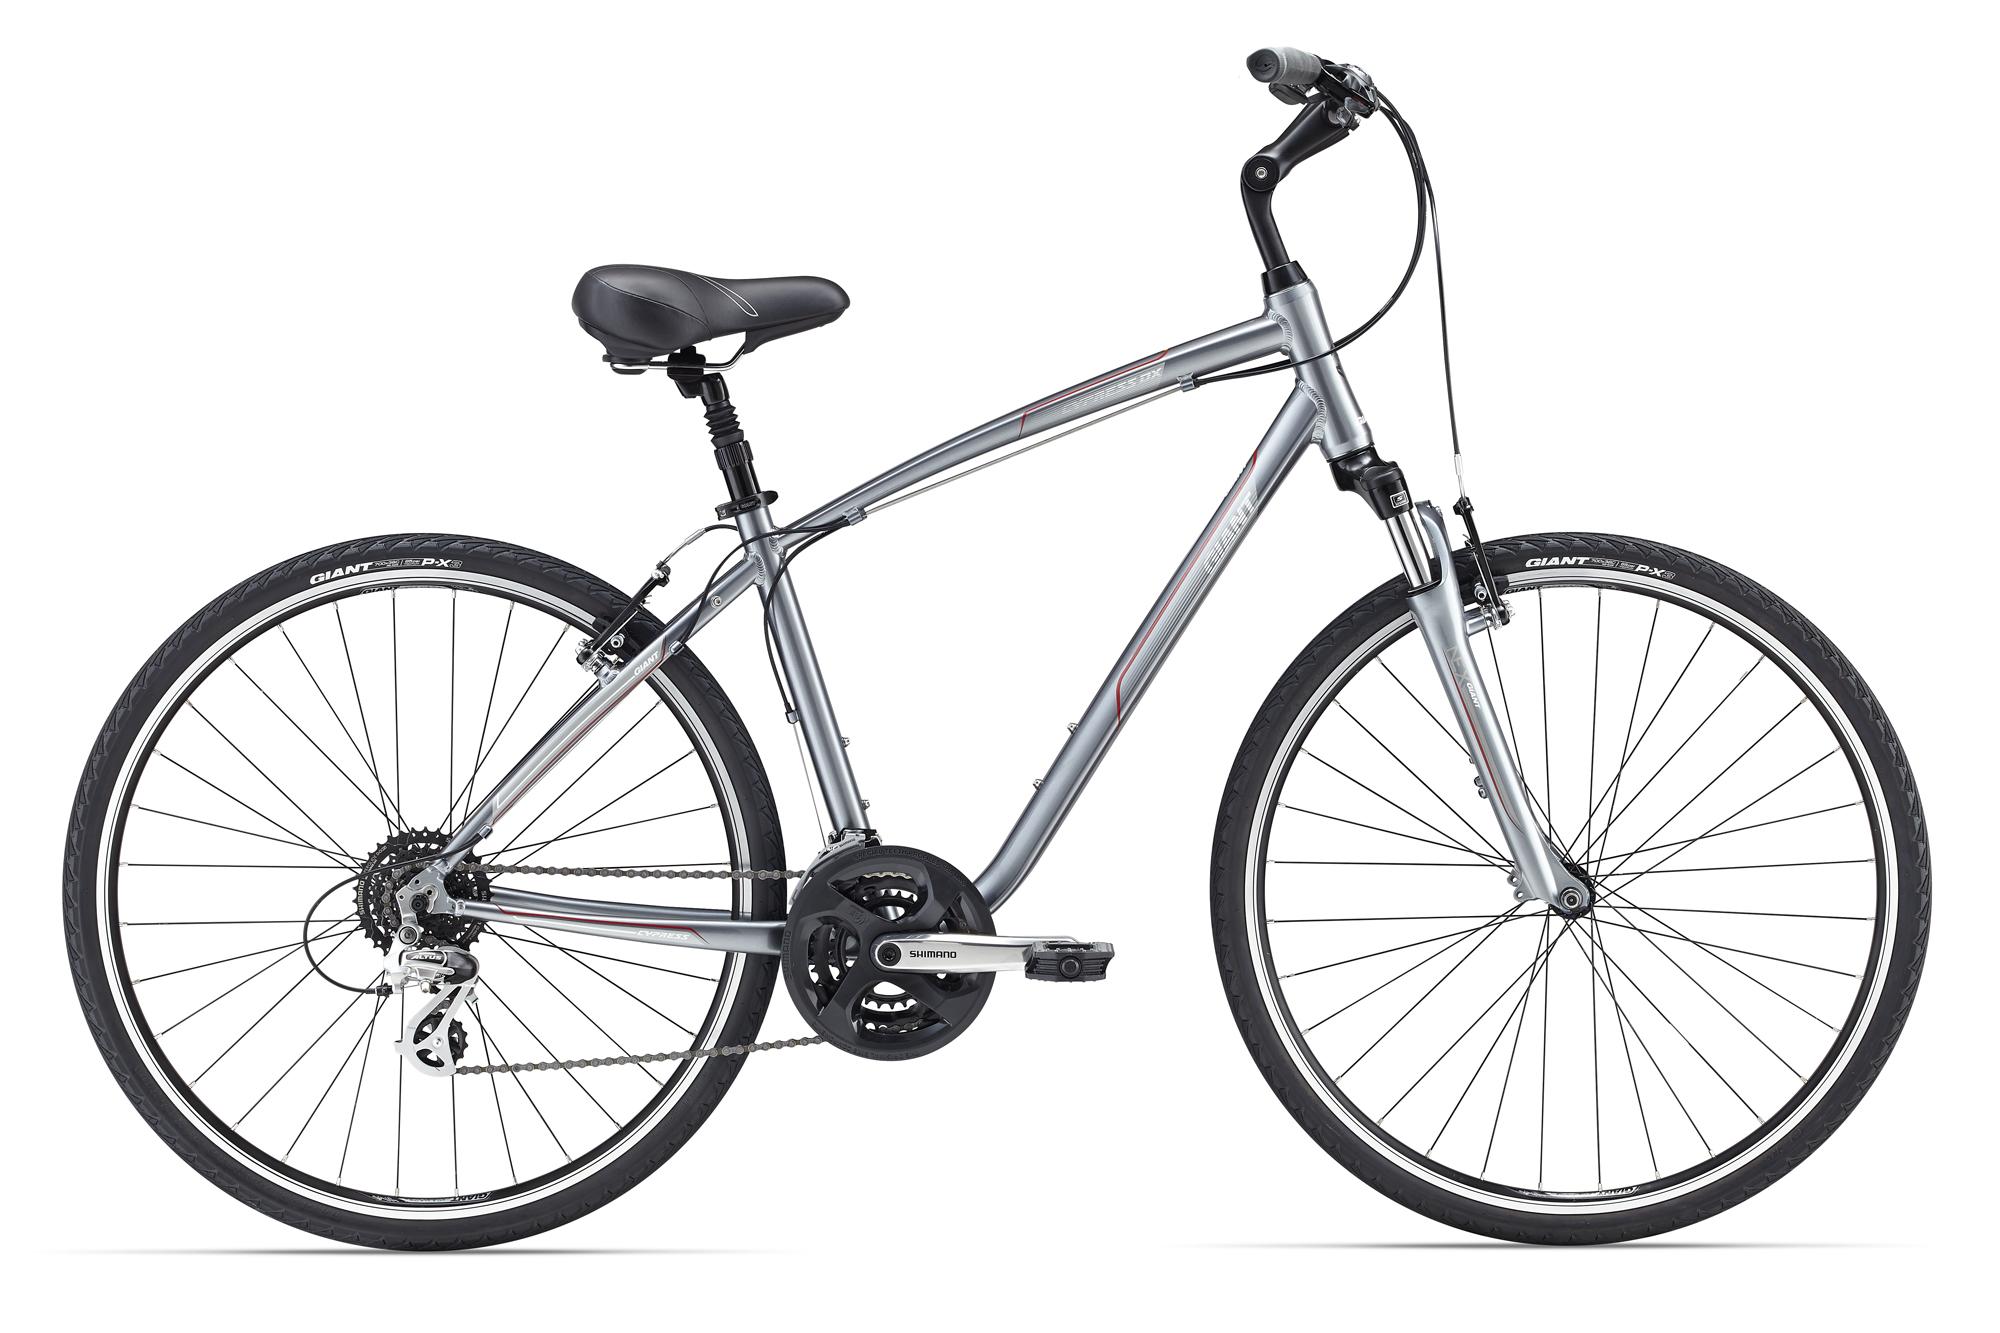 Велосипед Giant Cypress DX 2016 Navy Blue / Темно Синий, Комфортные, 1262235  - купить со скидкой